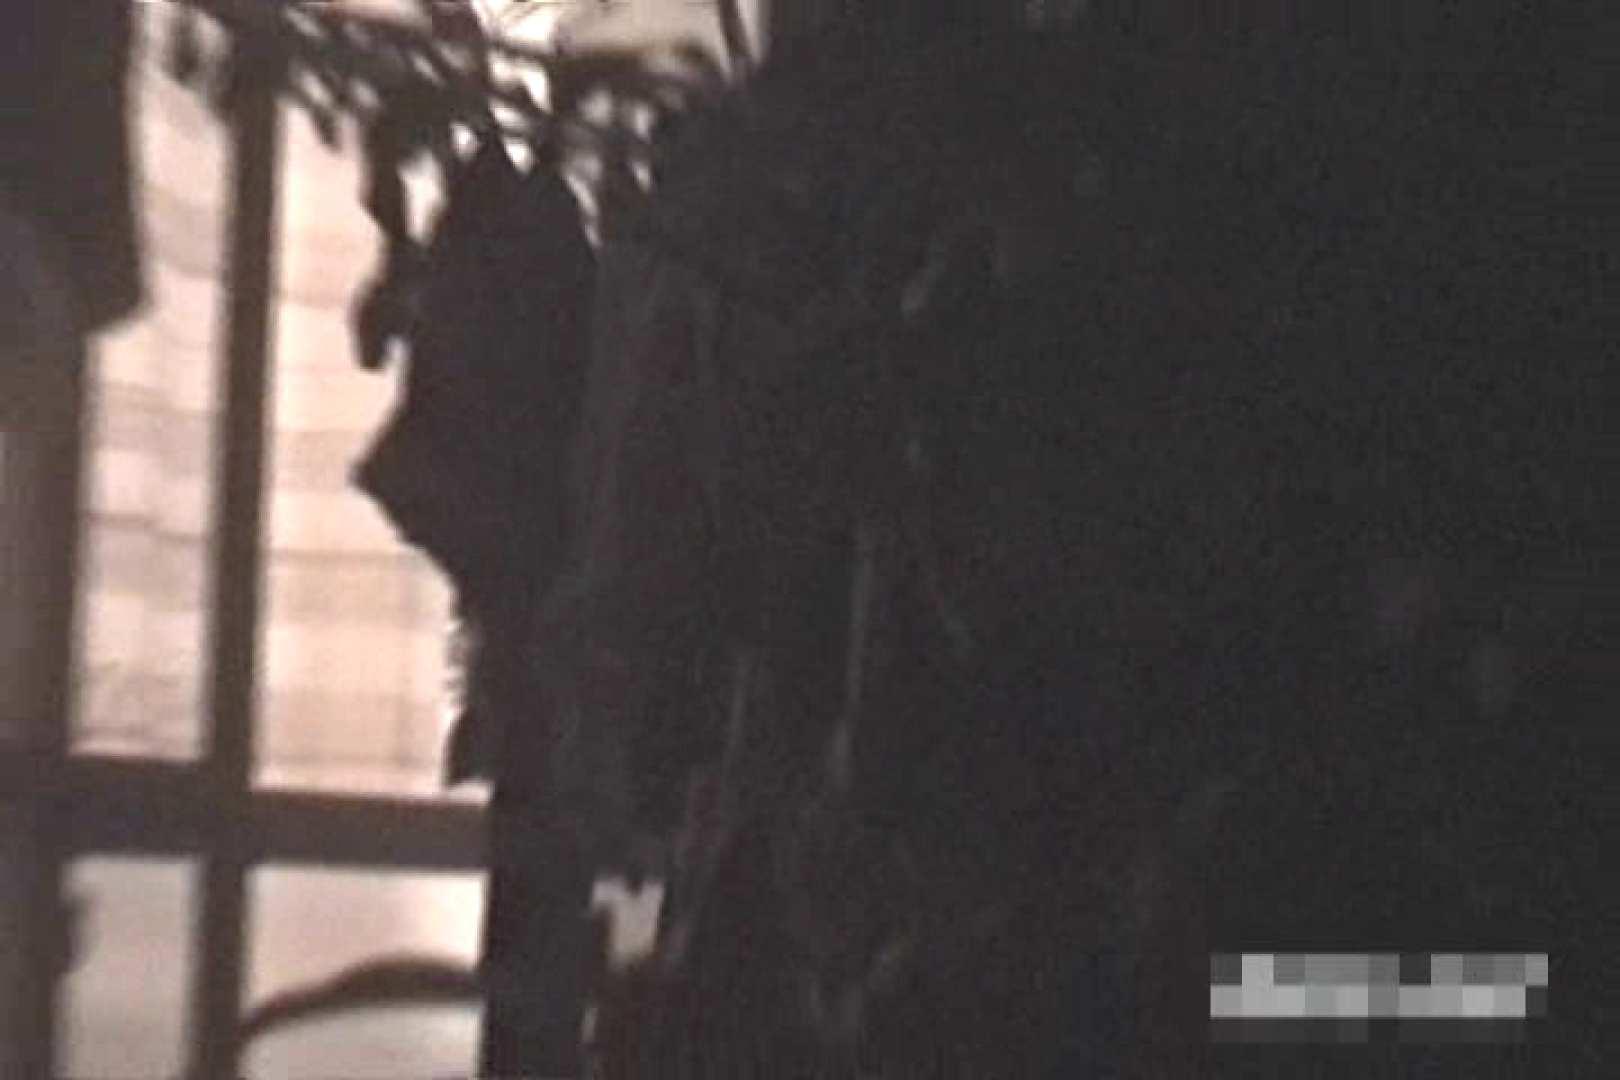 深夜の撮影会Vol.2 接写 盗み撮り動画 95画像 16